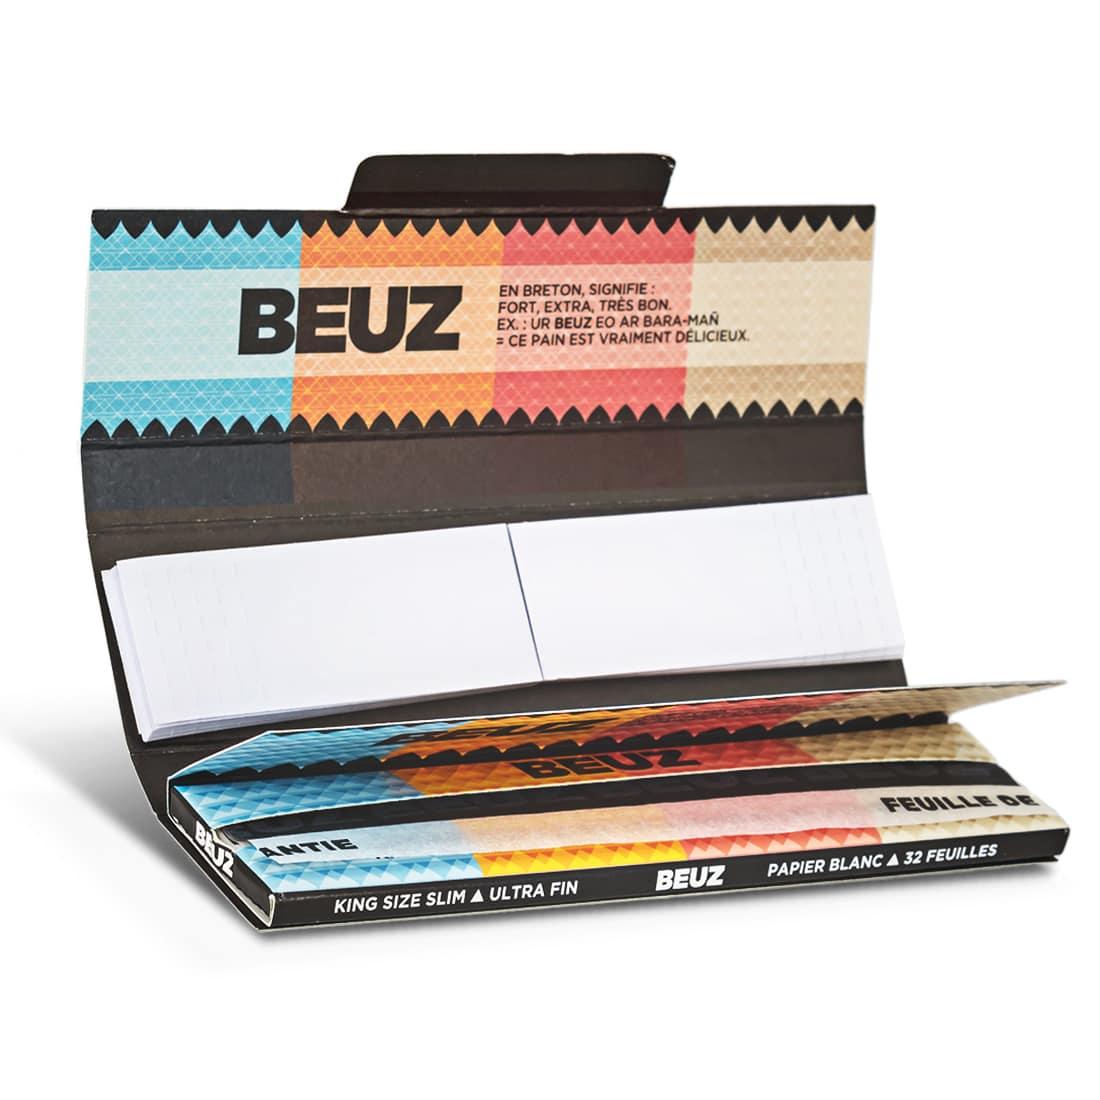 Photo #1 de Papier a rouler Beuz Slim et Tips x 1